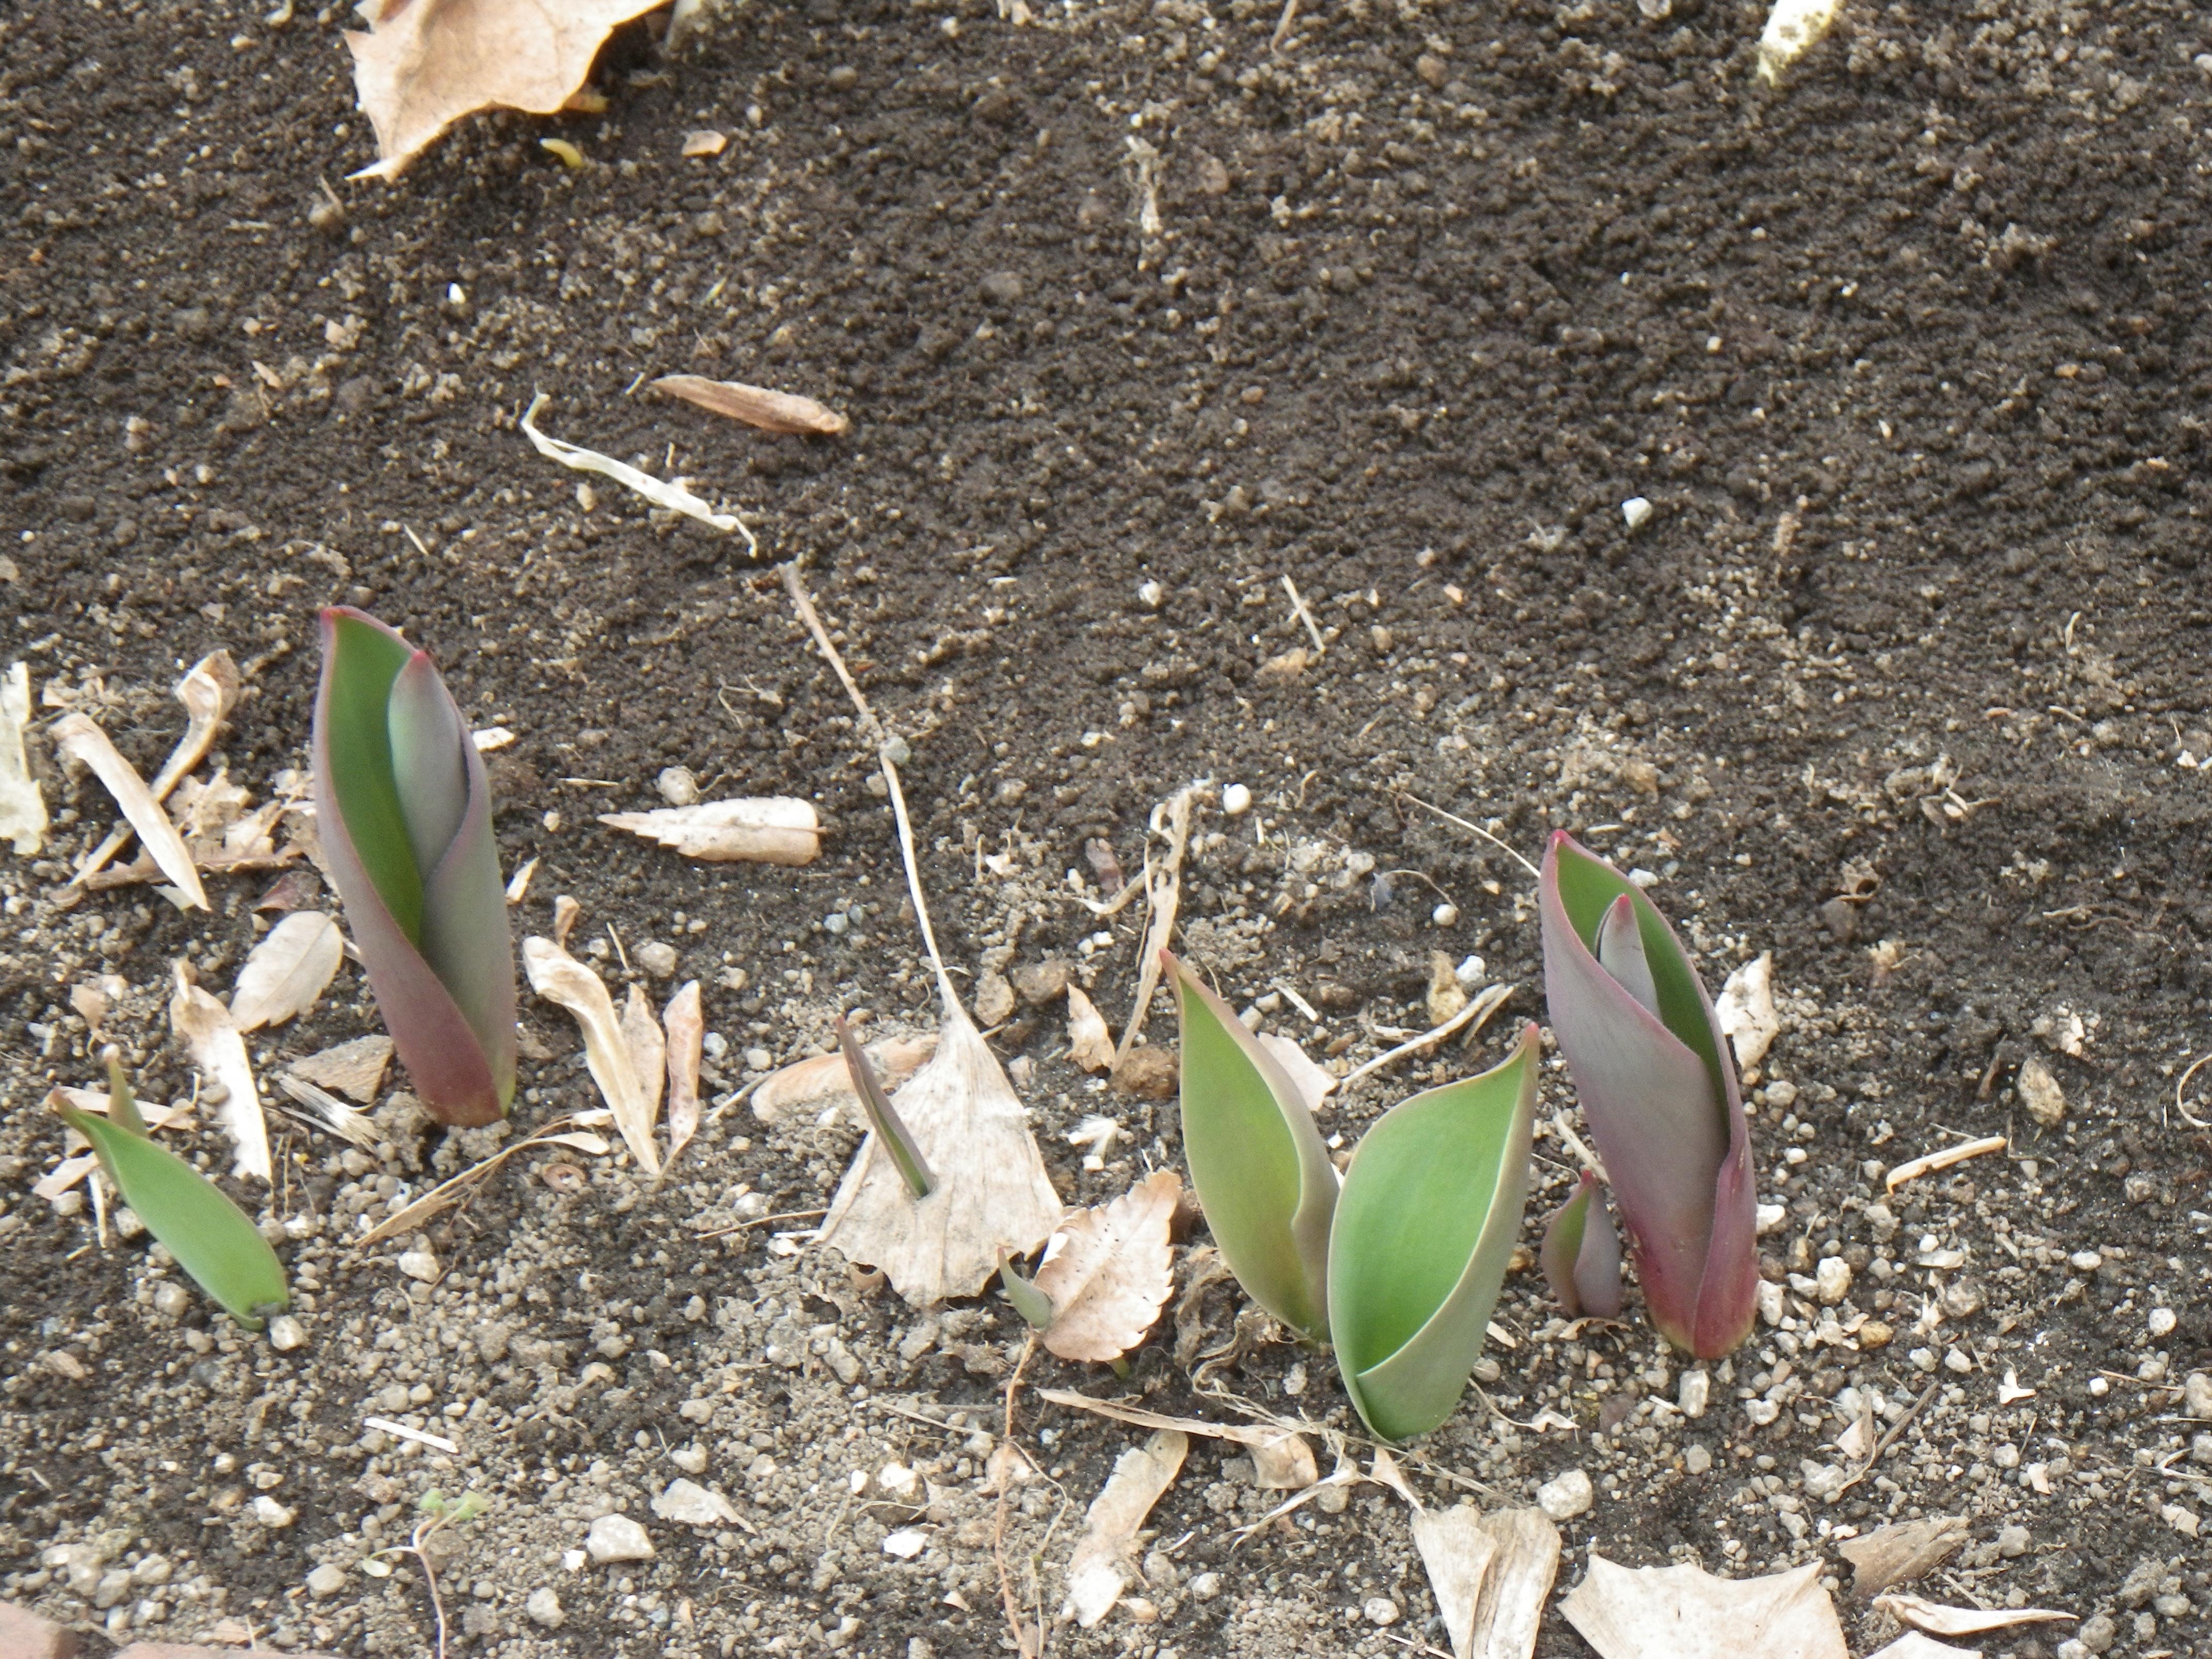 10センチほどに育ったチューリップの芽の画像